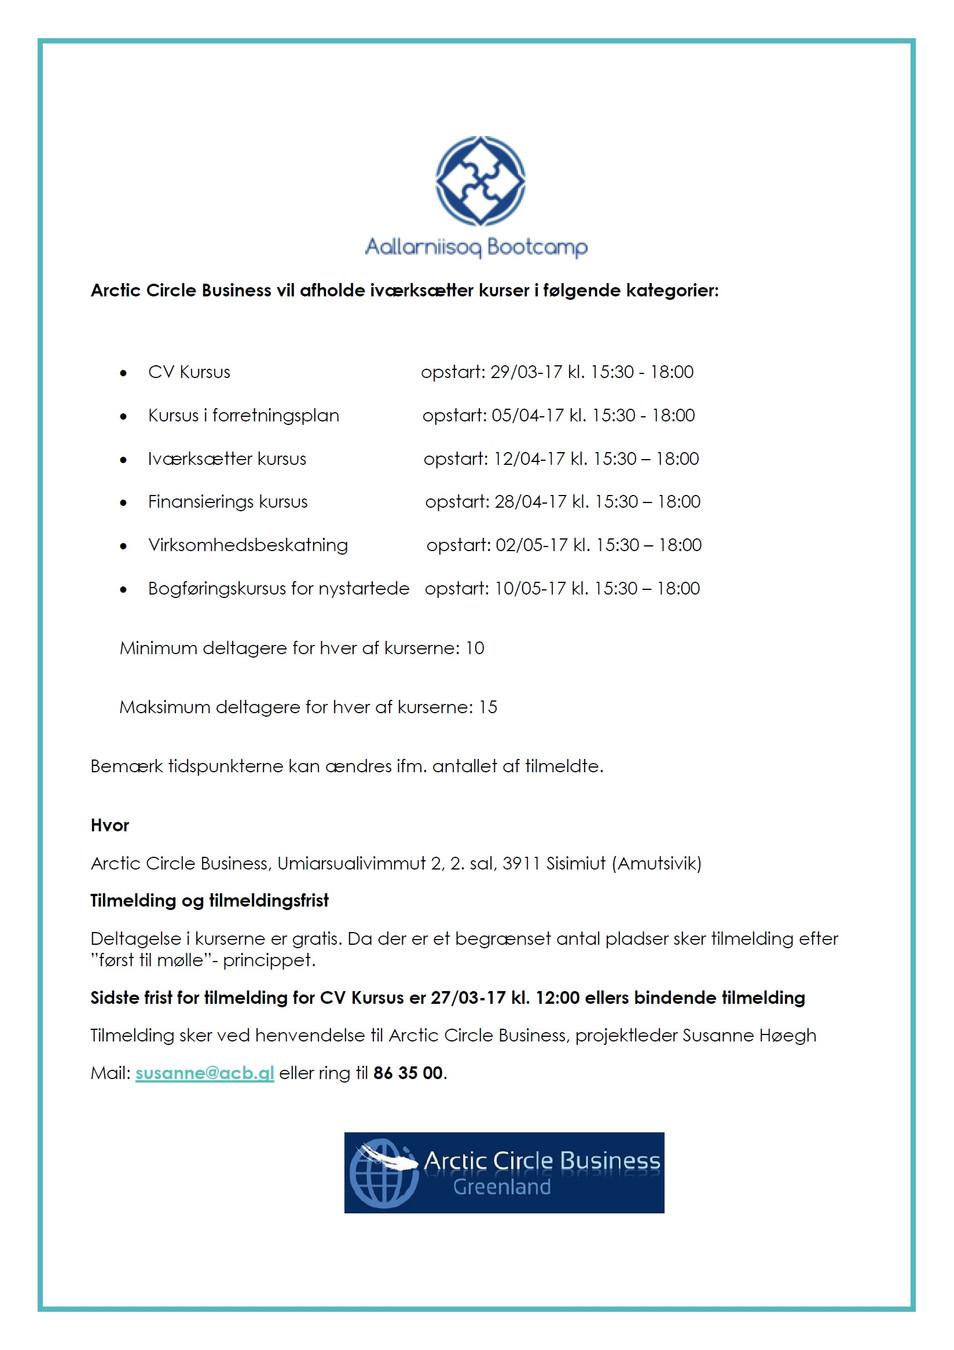 Iværksætterkursus + Finansierings kursus blev afholdt 28/04-17